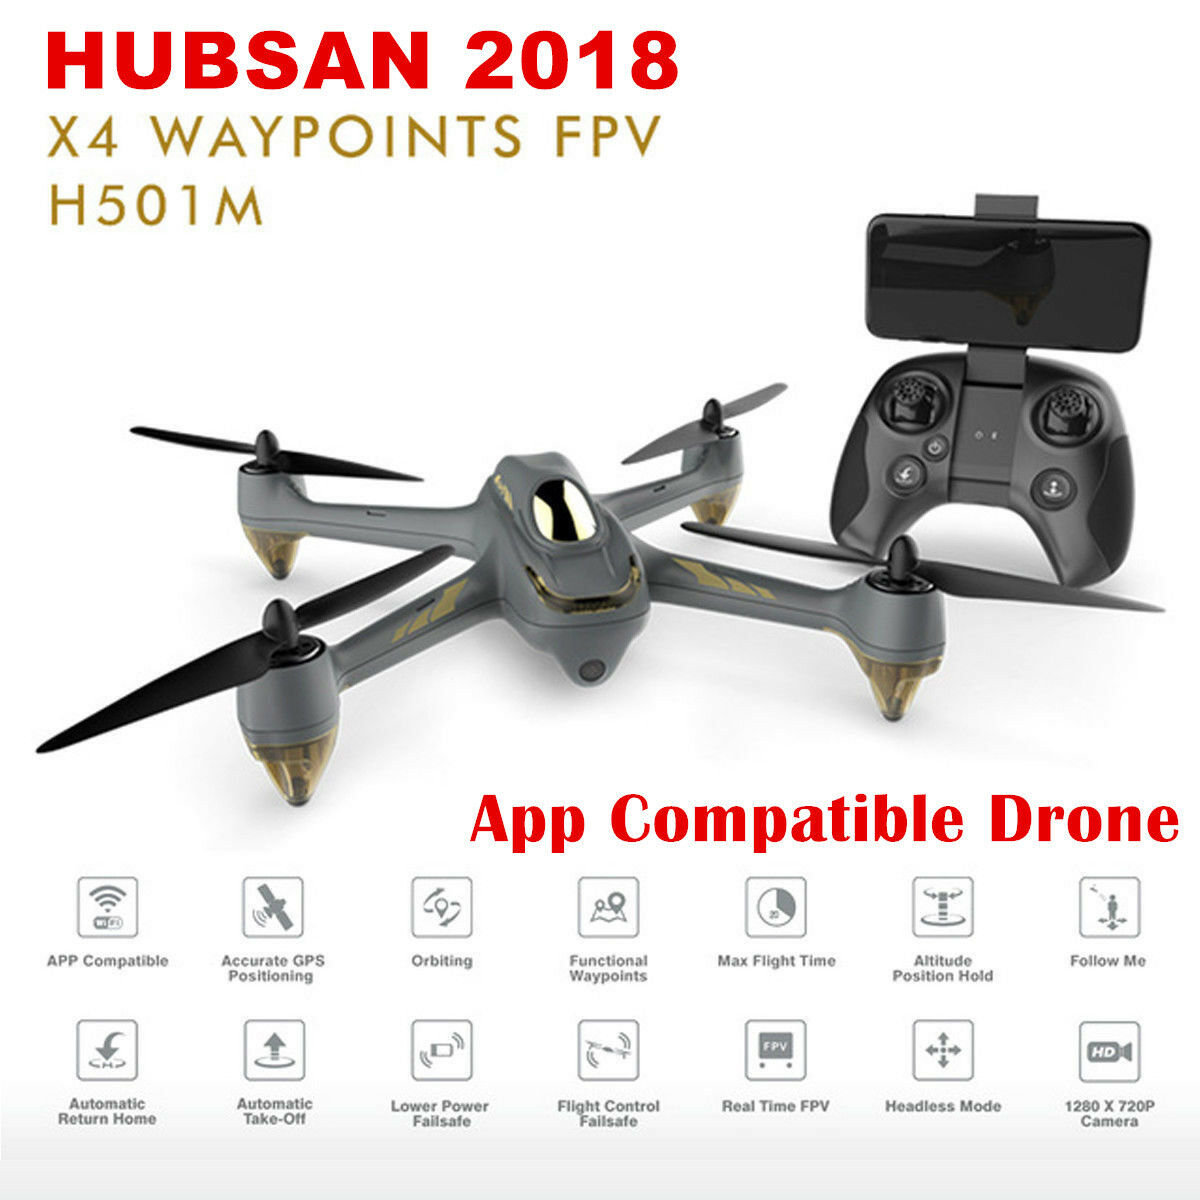 Hubsan H501M X4 FPV DRONE sin escobillas Cámara De Control Remoto 720P Gps Wi-Fi App listo para volar